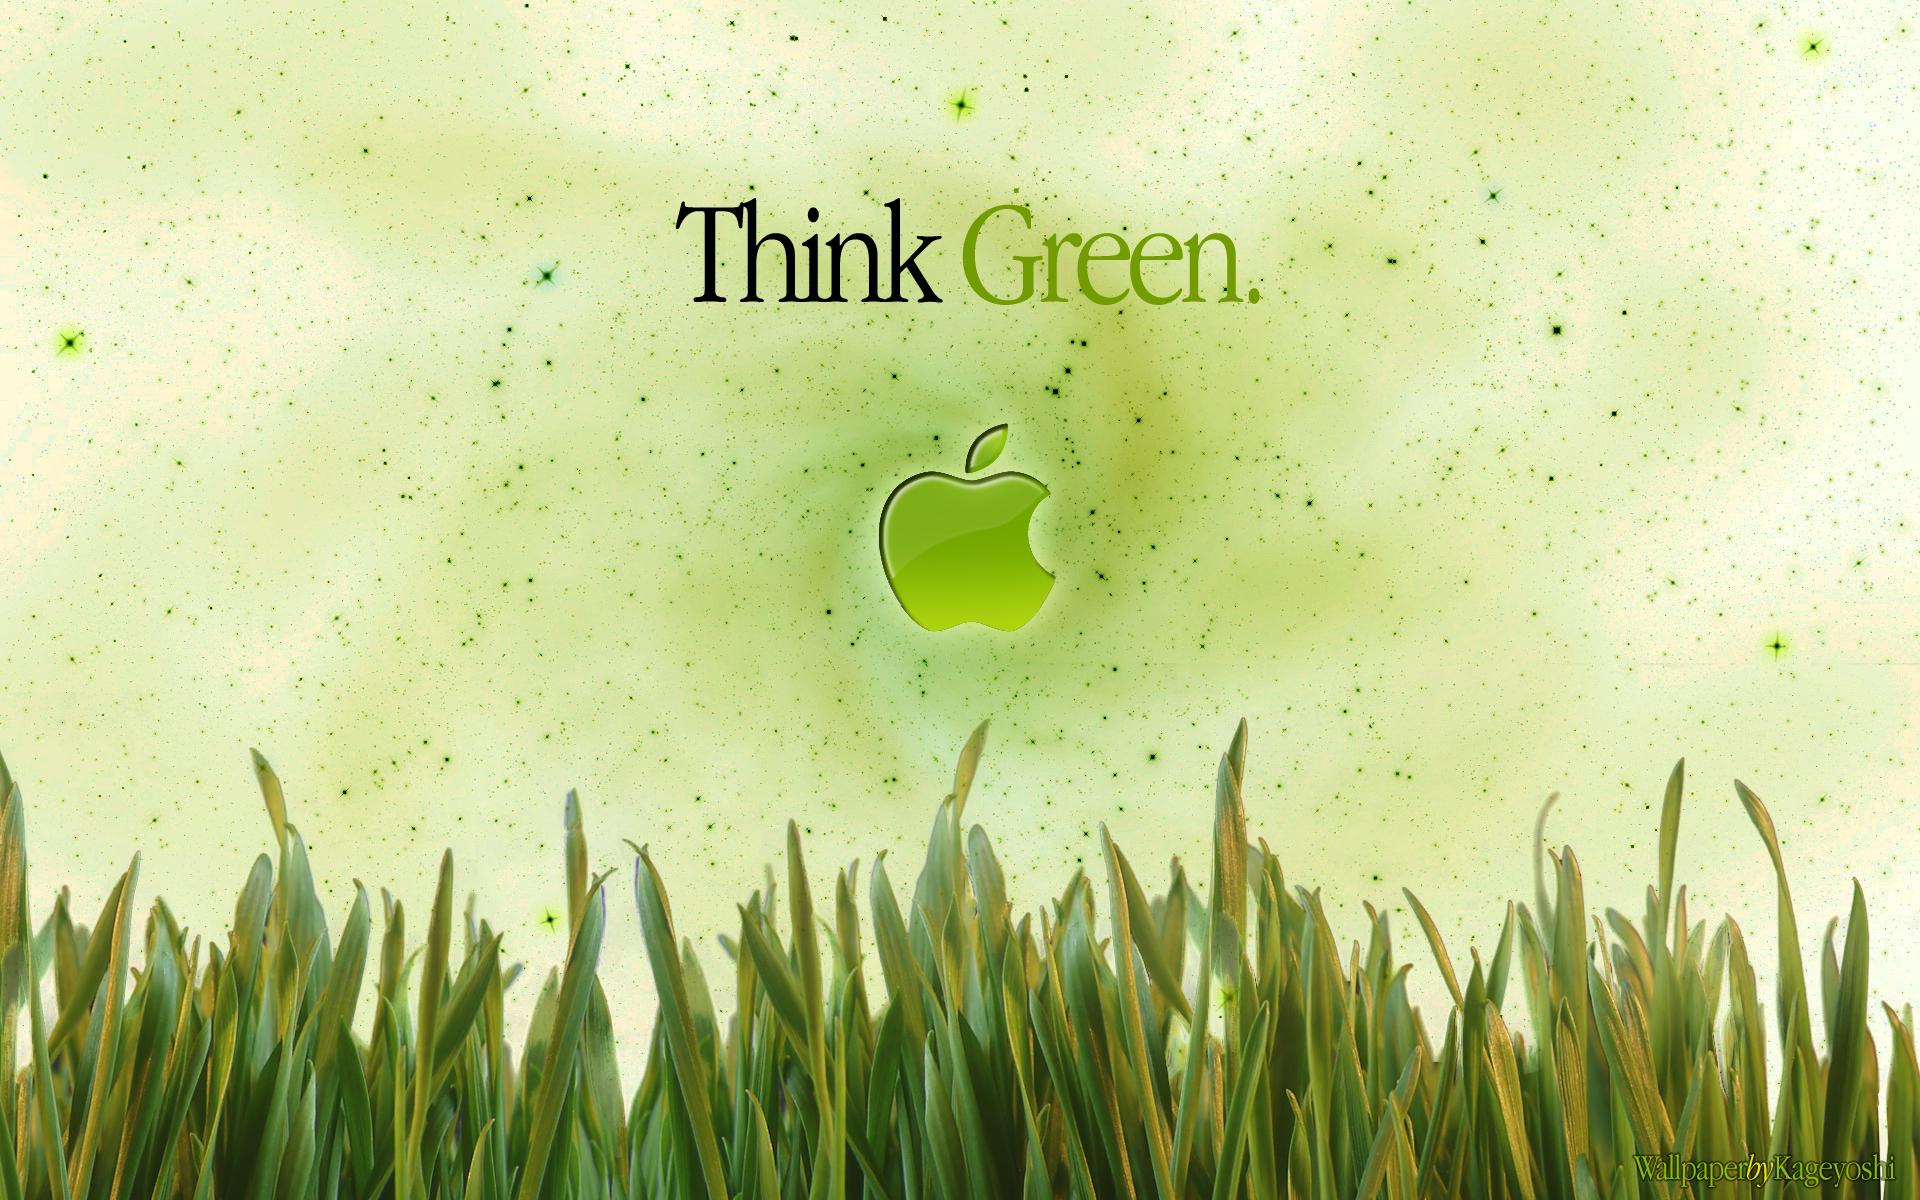 Apple verbannt mehr Giftstoffe aus Produkte